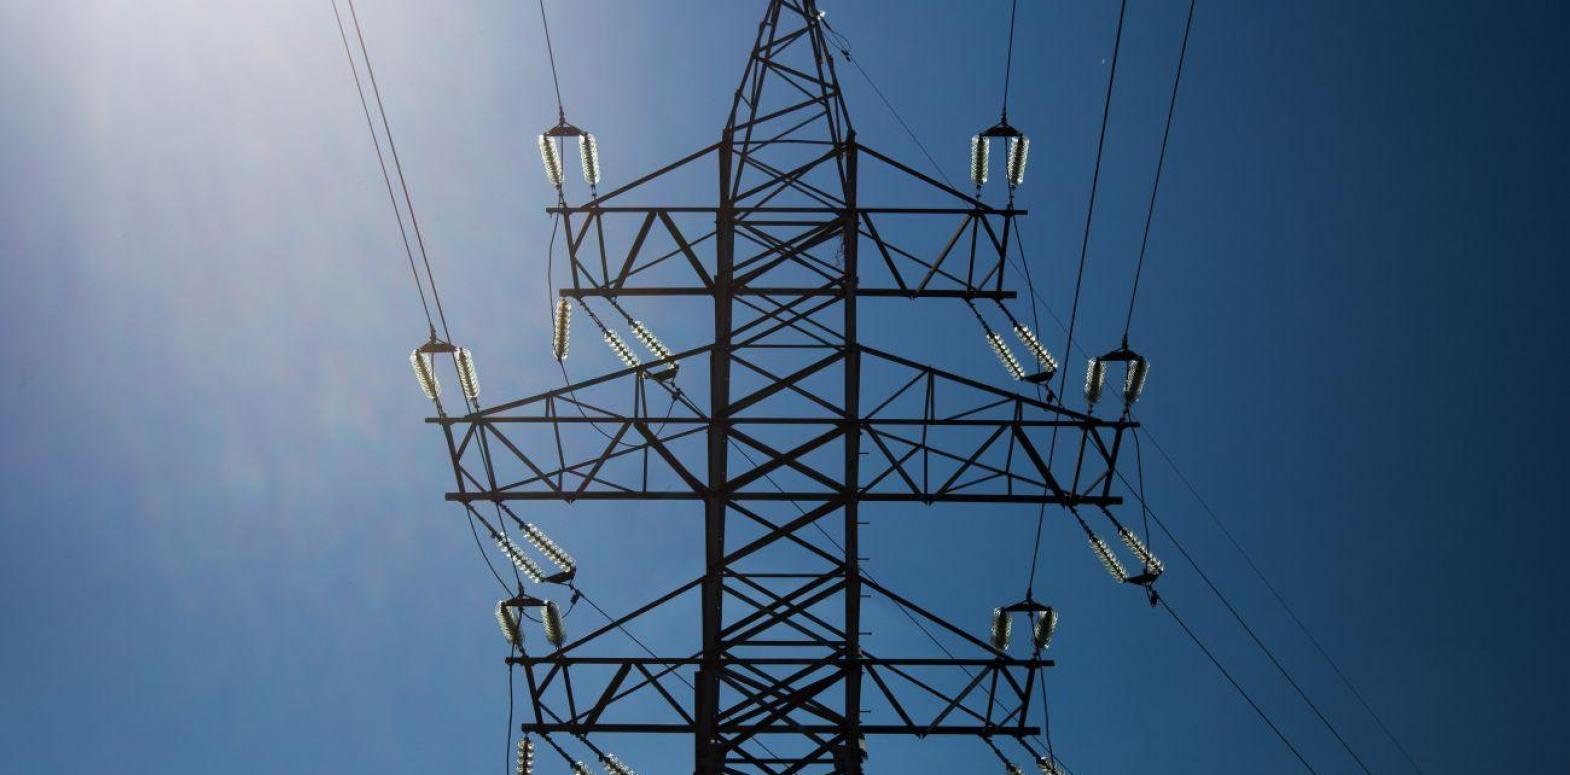 Население Украины увеличило потребление электроэнергии за кризисный 2020 год